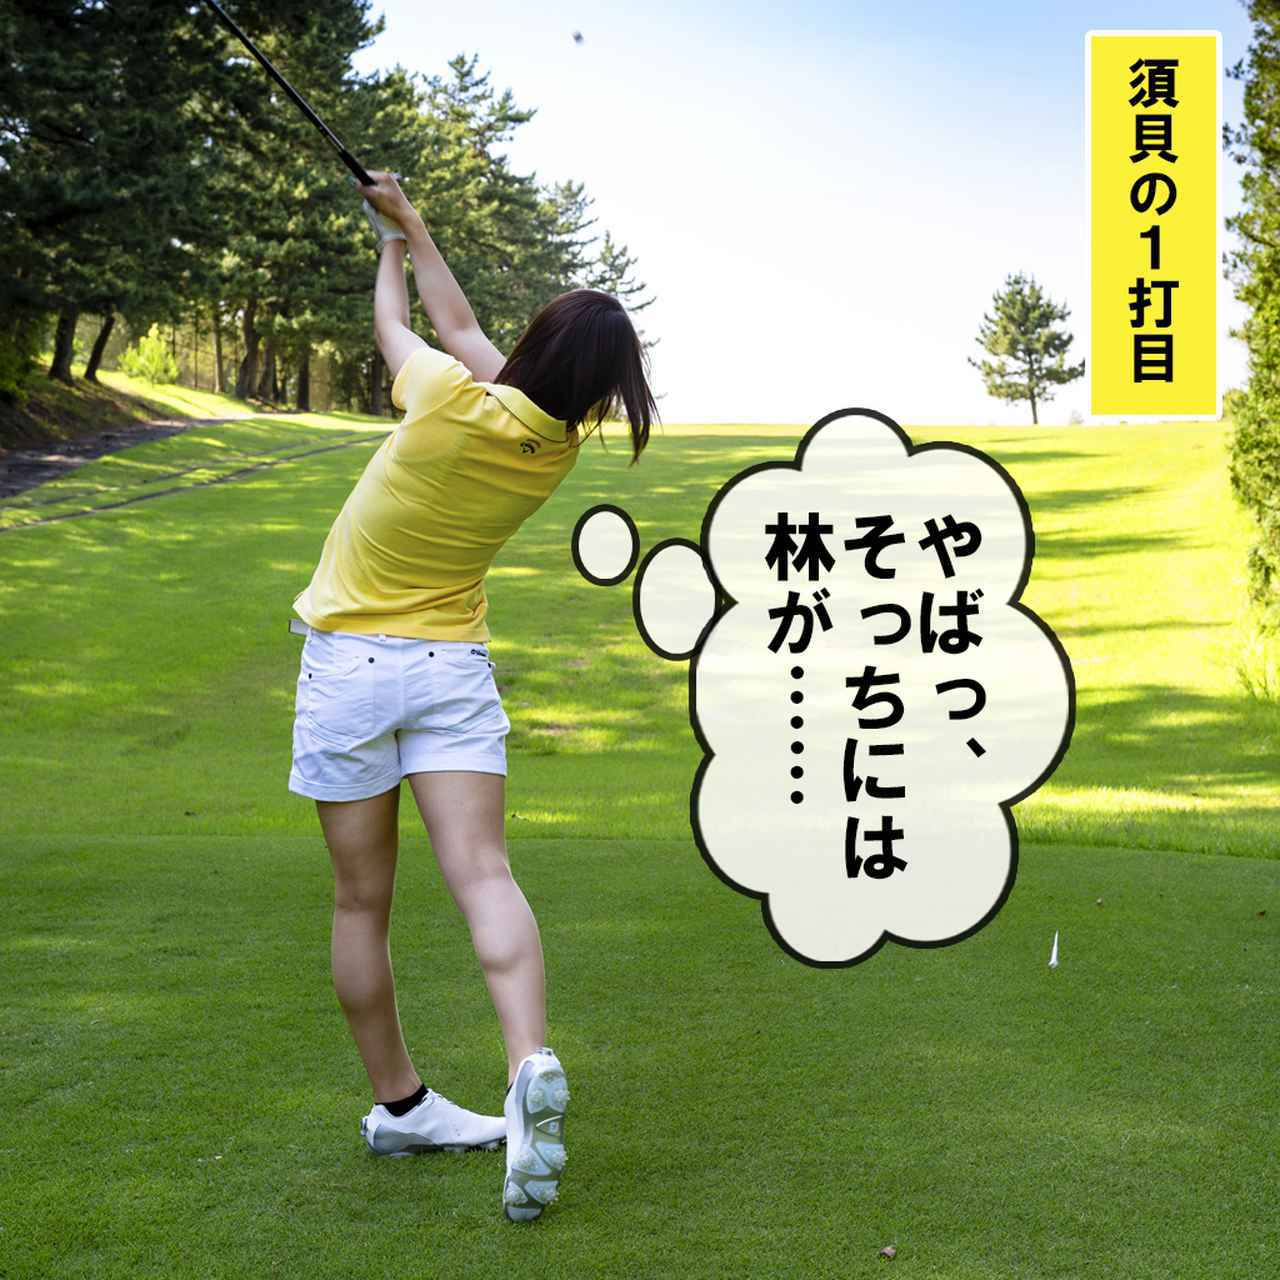 画像1: 【新ルール】地面に埋まった石を取り除きたい!! これってルール違反?